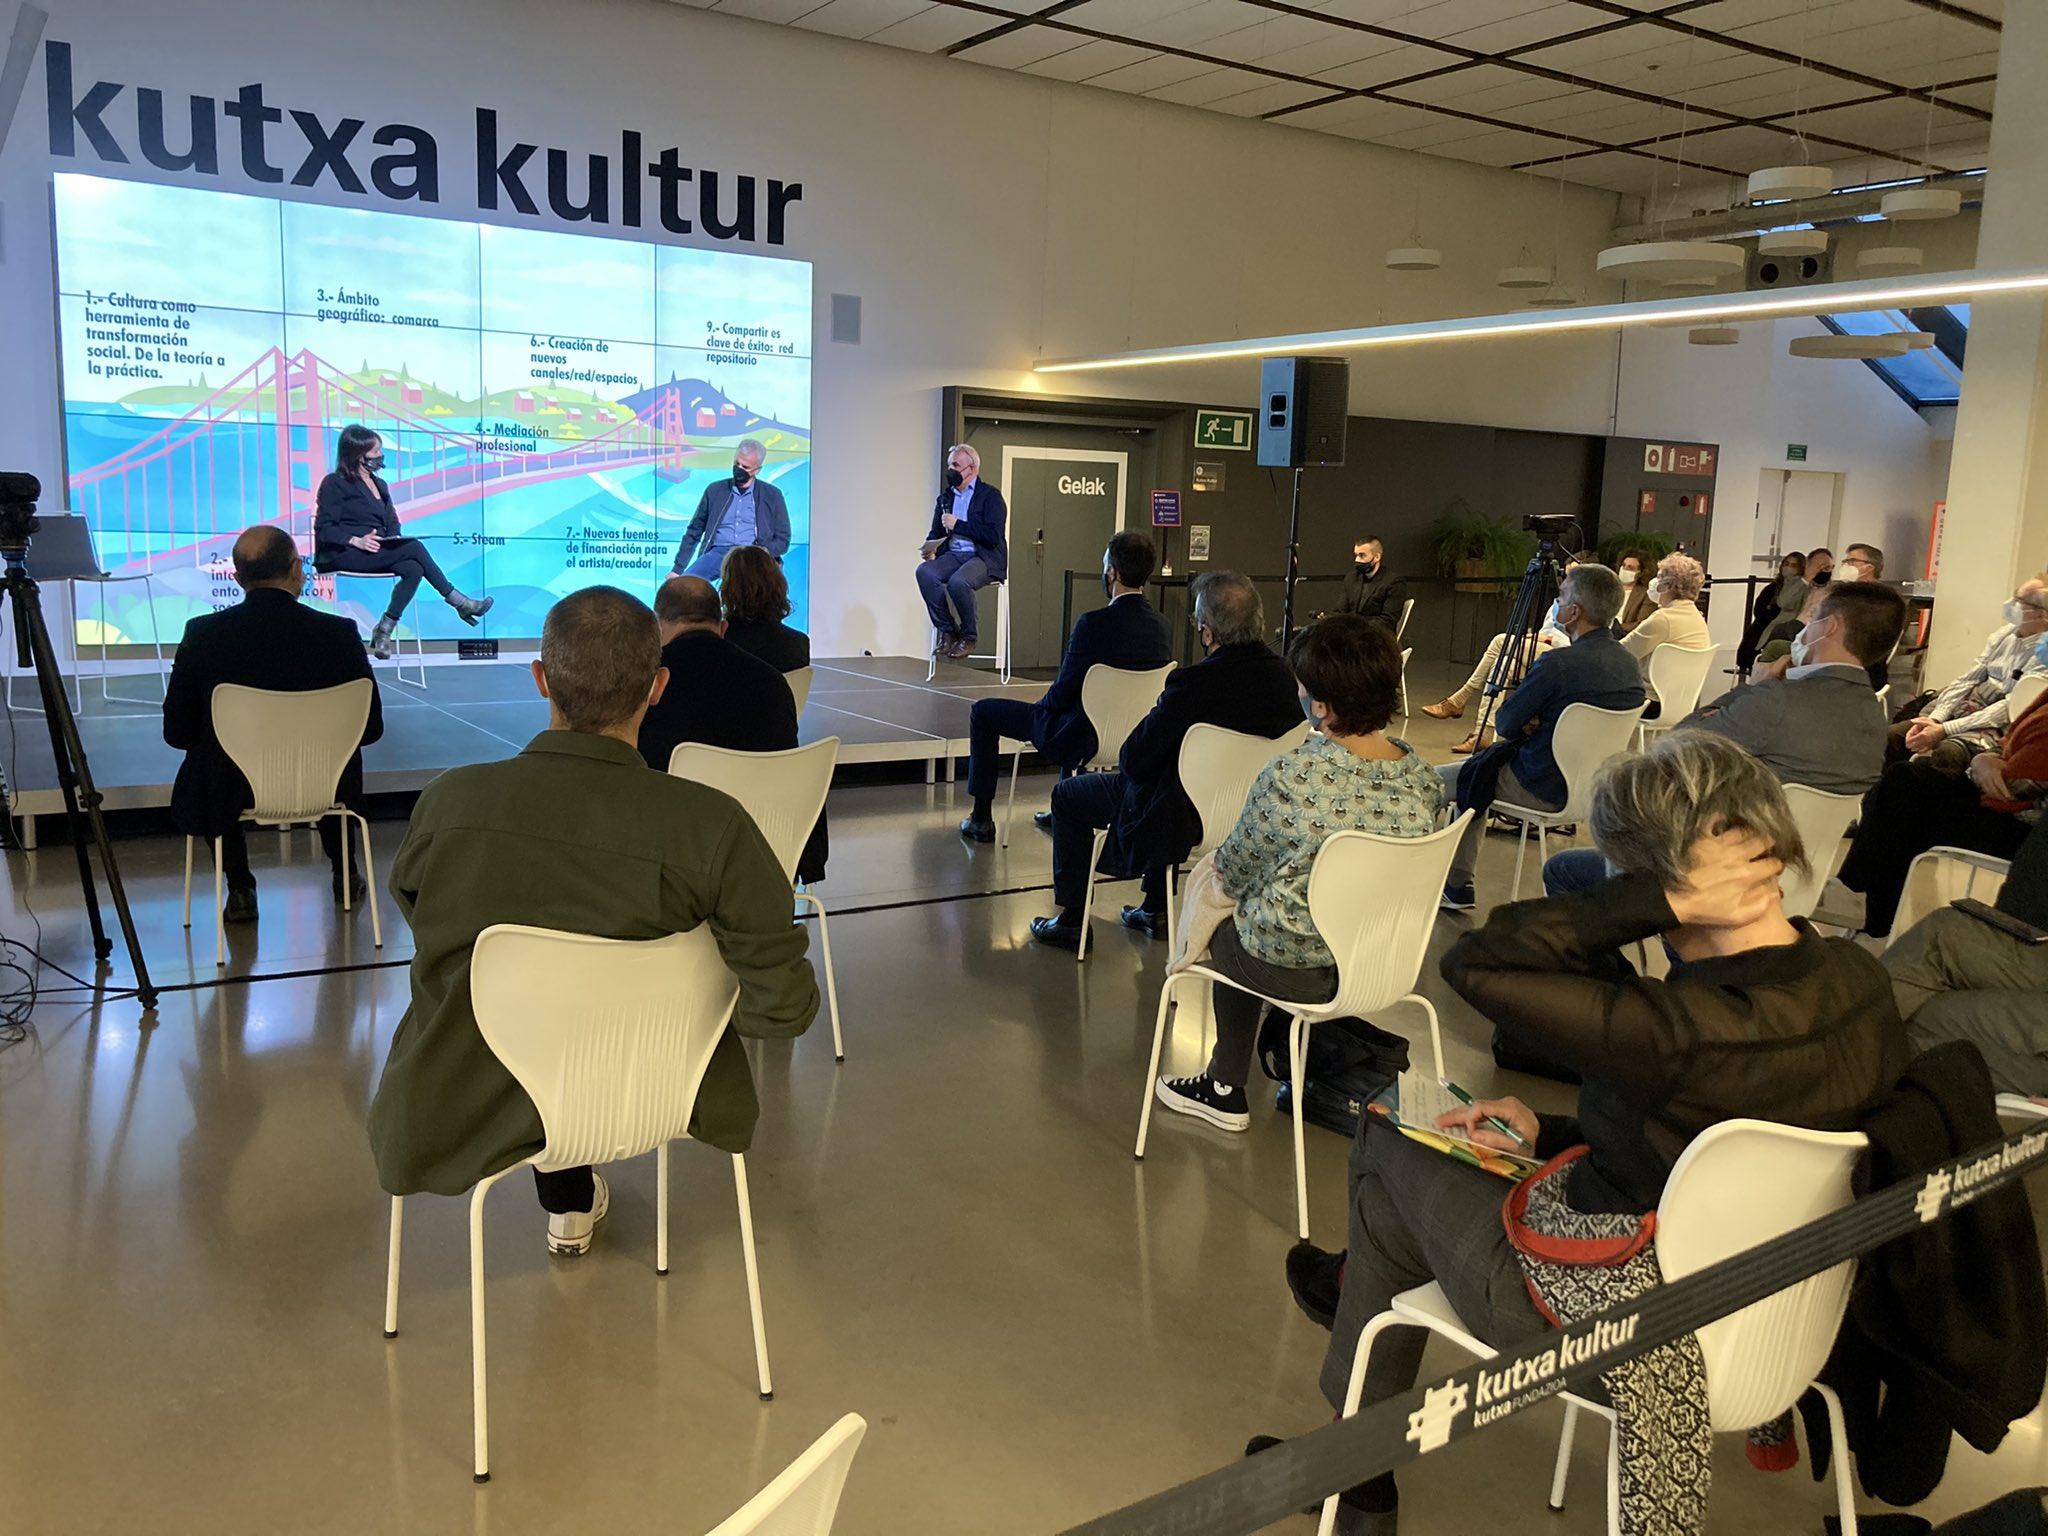 Cierre ayer en Kutxa Kultur de Eta orain zer. Foto: Kutxa Kultur